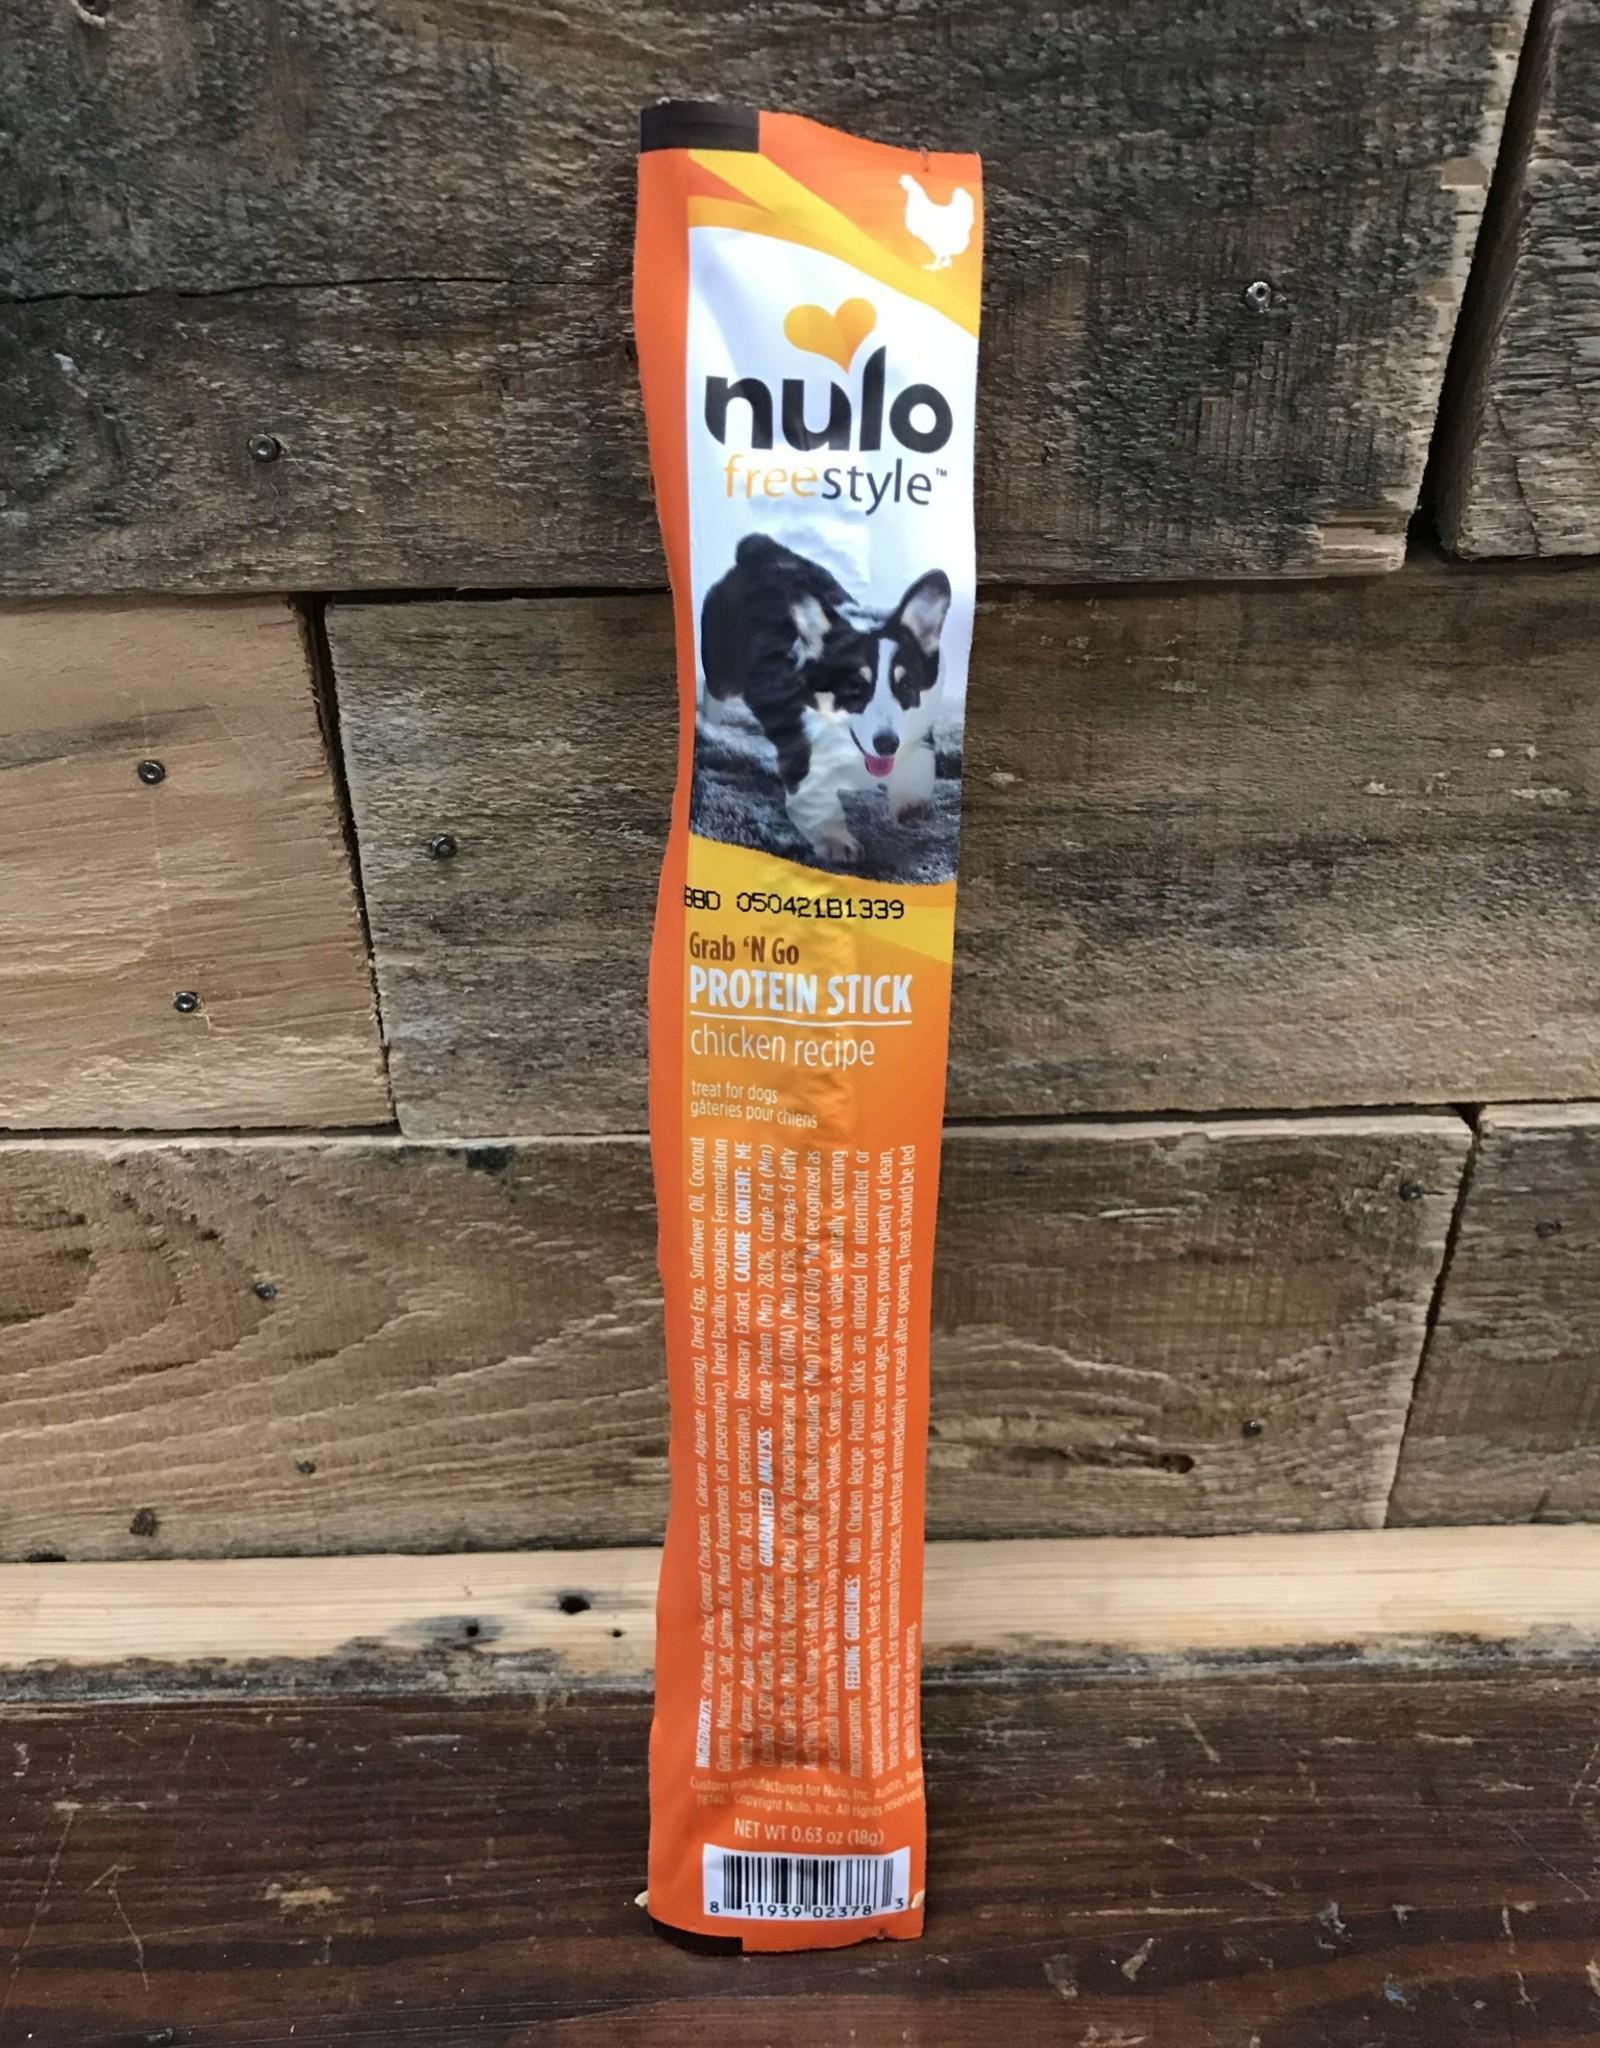 Nulo Nulo FreeStyle .63oz Grain Free Dog Protein Stick Chicken treat